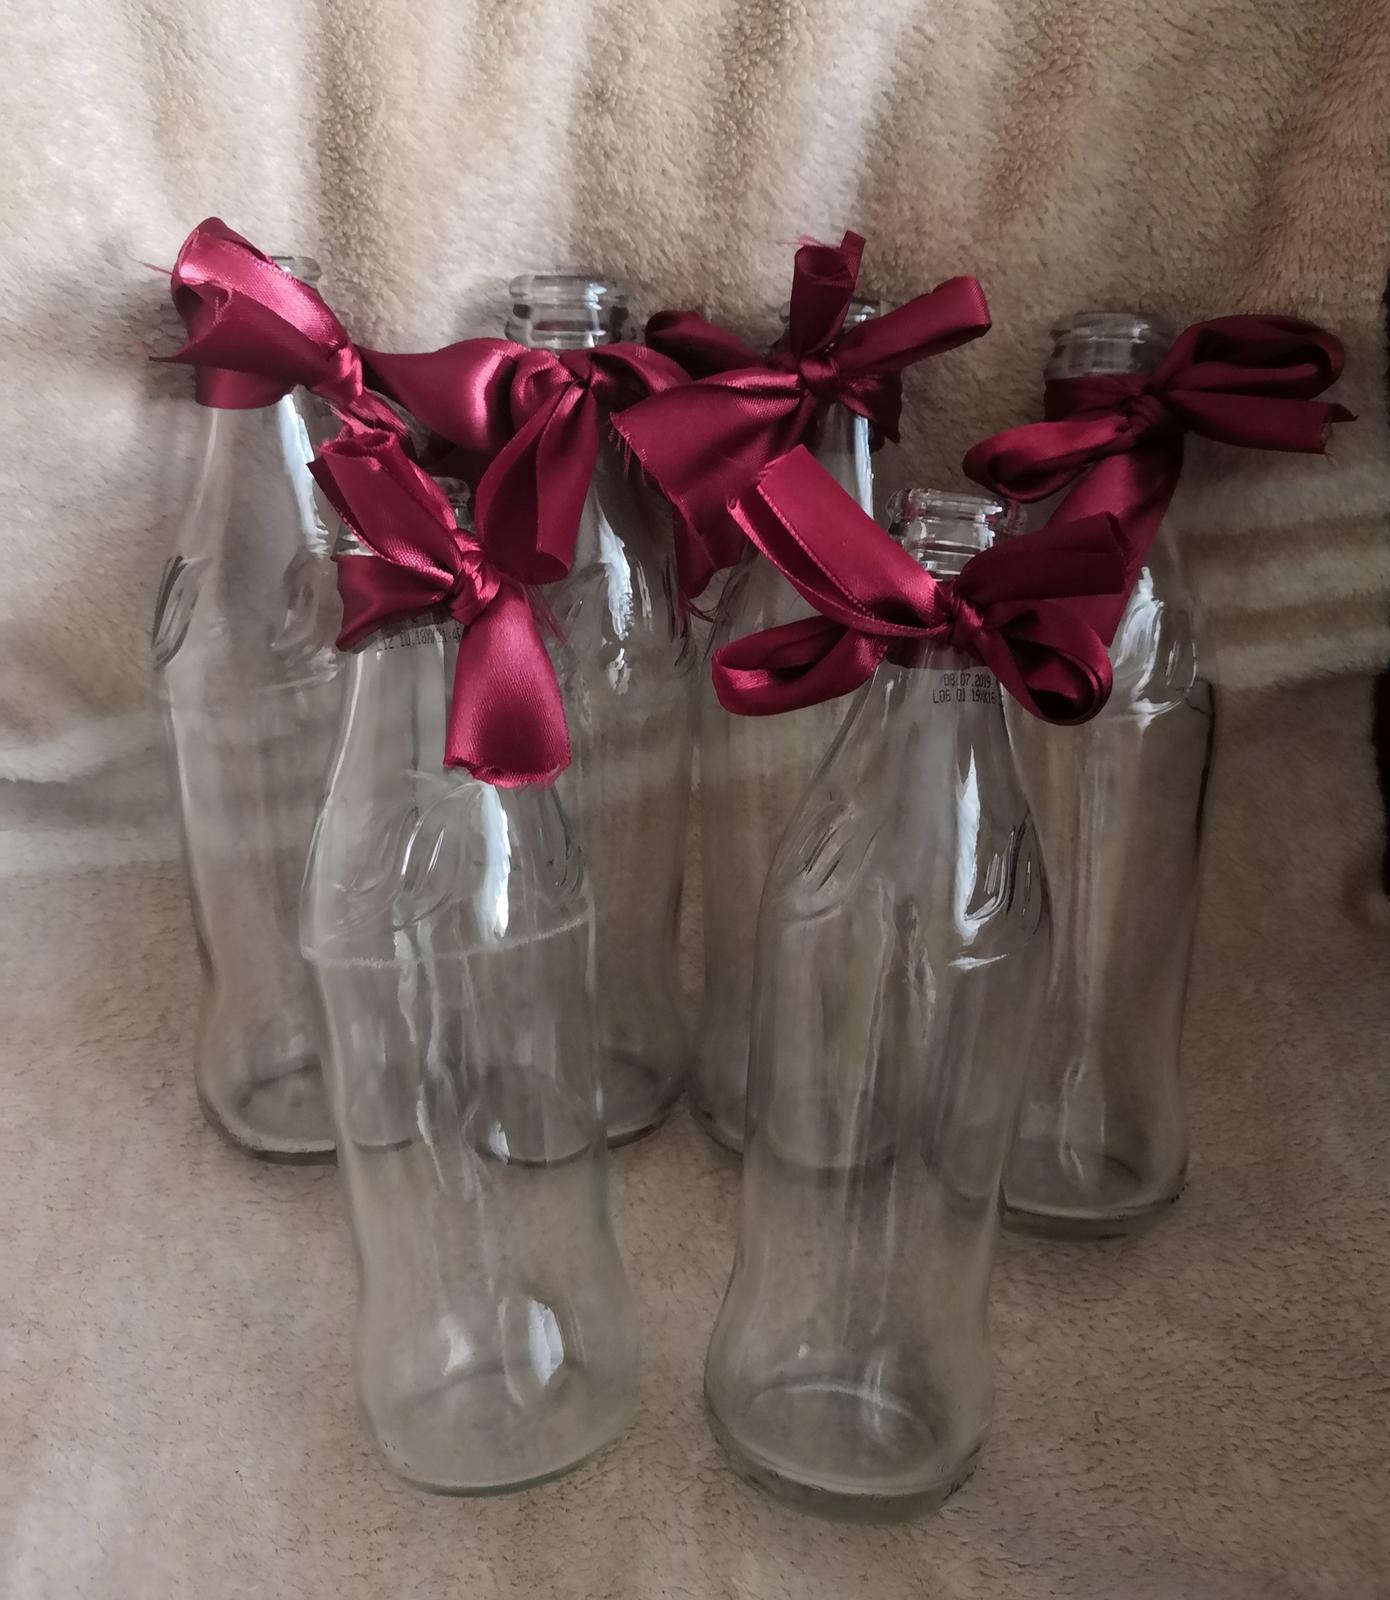 Skleněné vázičky na květiny - Obrázek č. 1